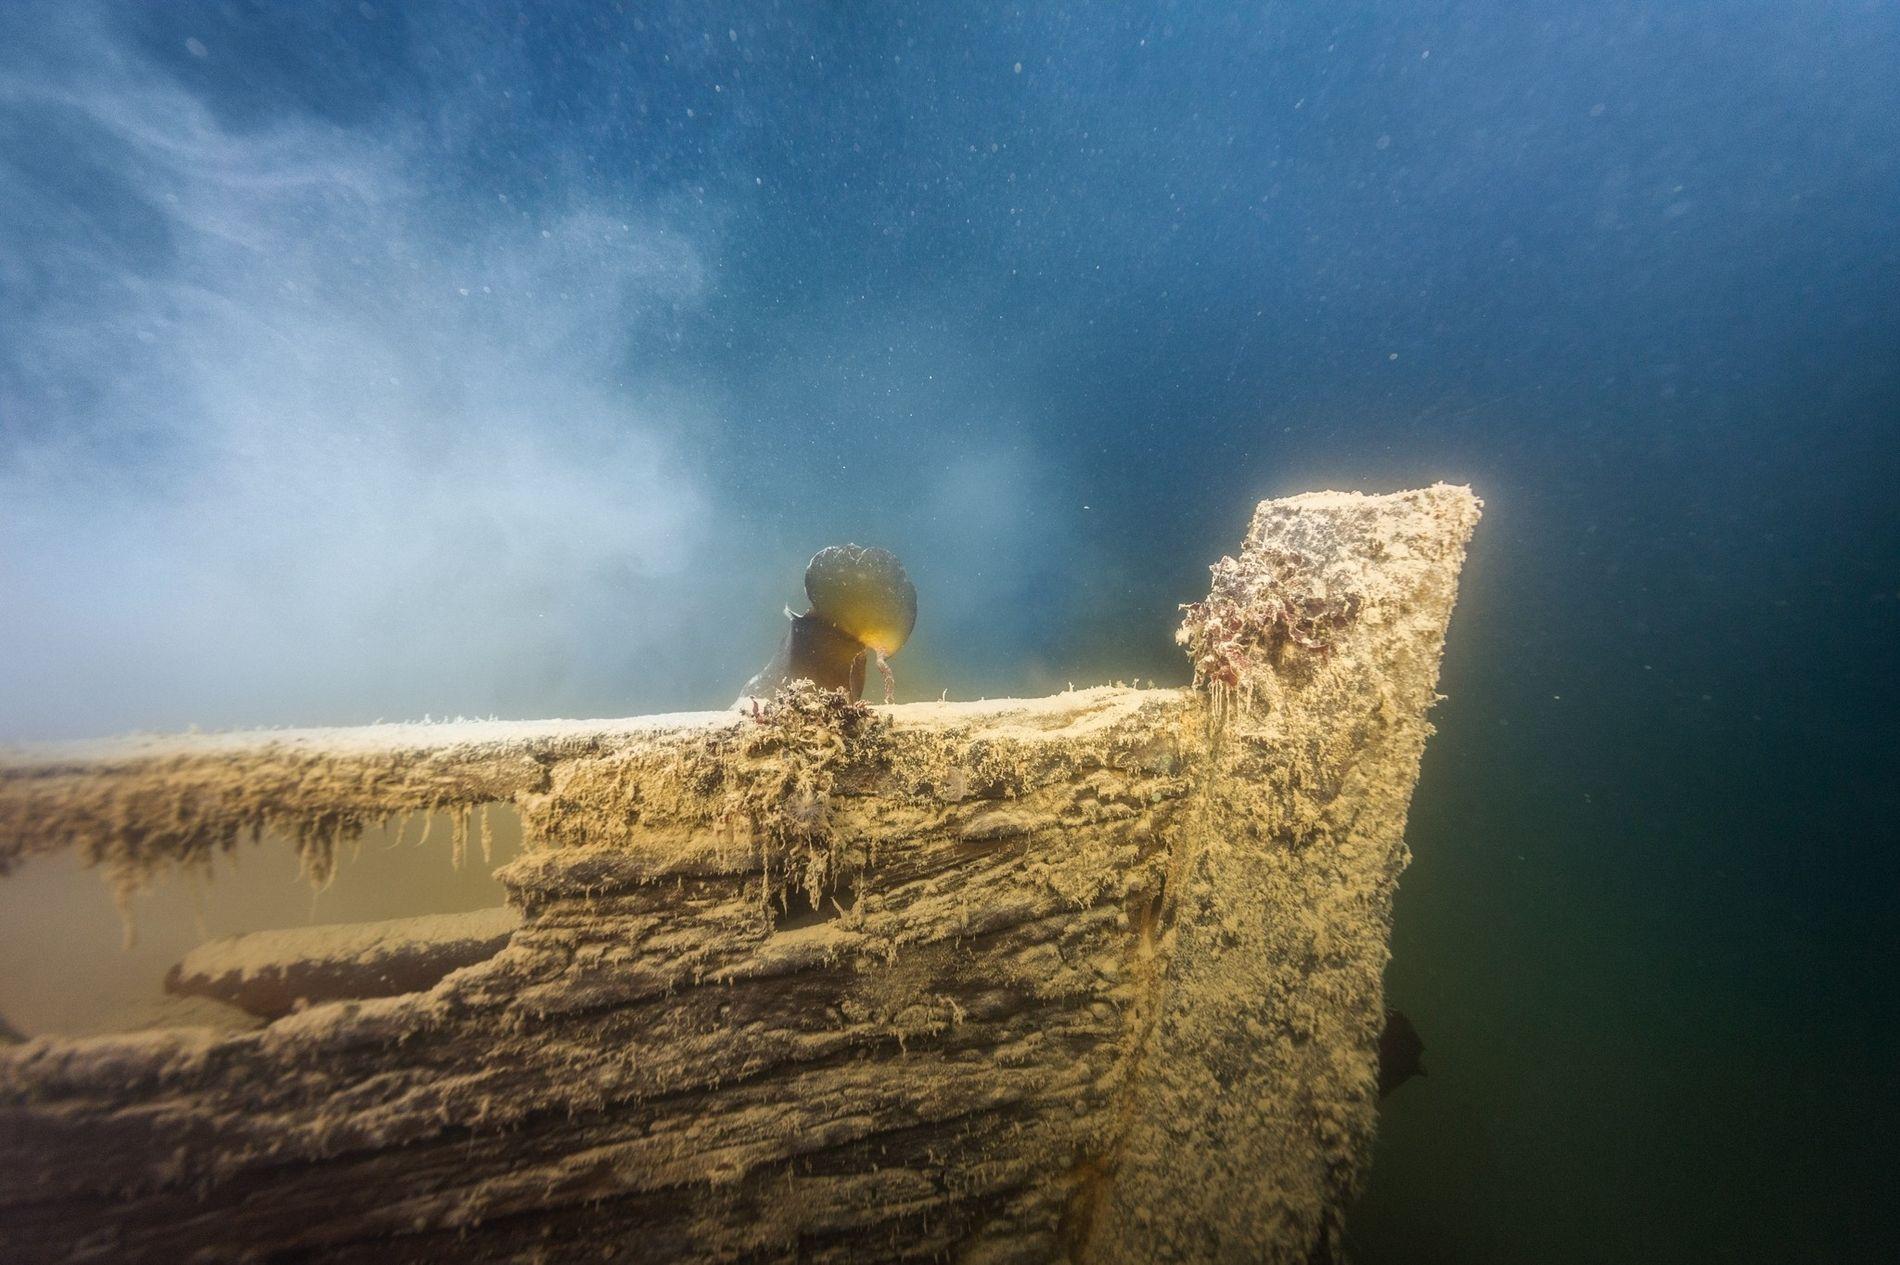 Le H.M.S Terror est l'un des deux navires de la funeste expédition Franklin ; il a été découvert en 2016 au large de l'île du roi Guillaume dans l'Arctique canadien. Le petit bateau d'expédition photographié ci-dessus a sombré aux côtés du Terror et repose sur le plancher océanique à proximité du navire.